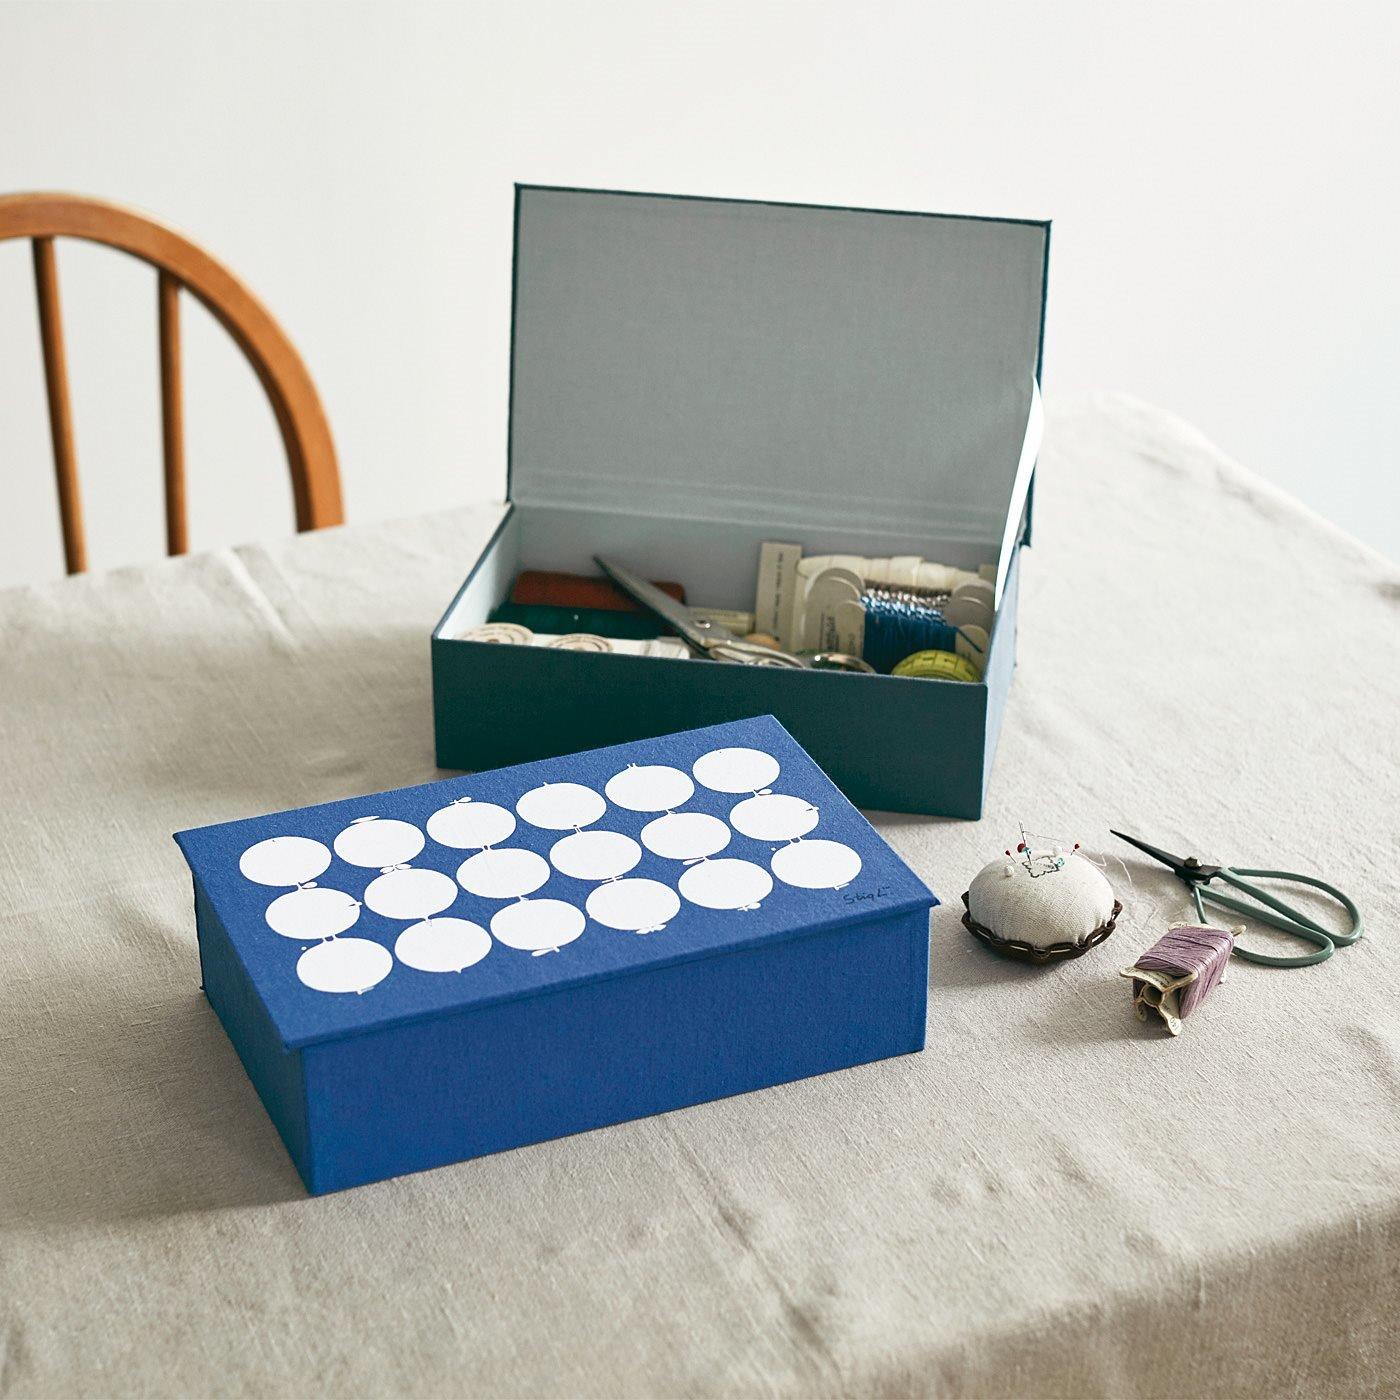 スティグ・リンドベリ 小物を目隠し収納できる テキスタイルで仕立てた道具箱〈タリホー〉